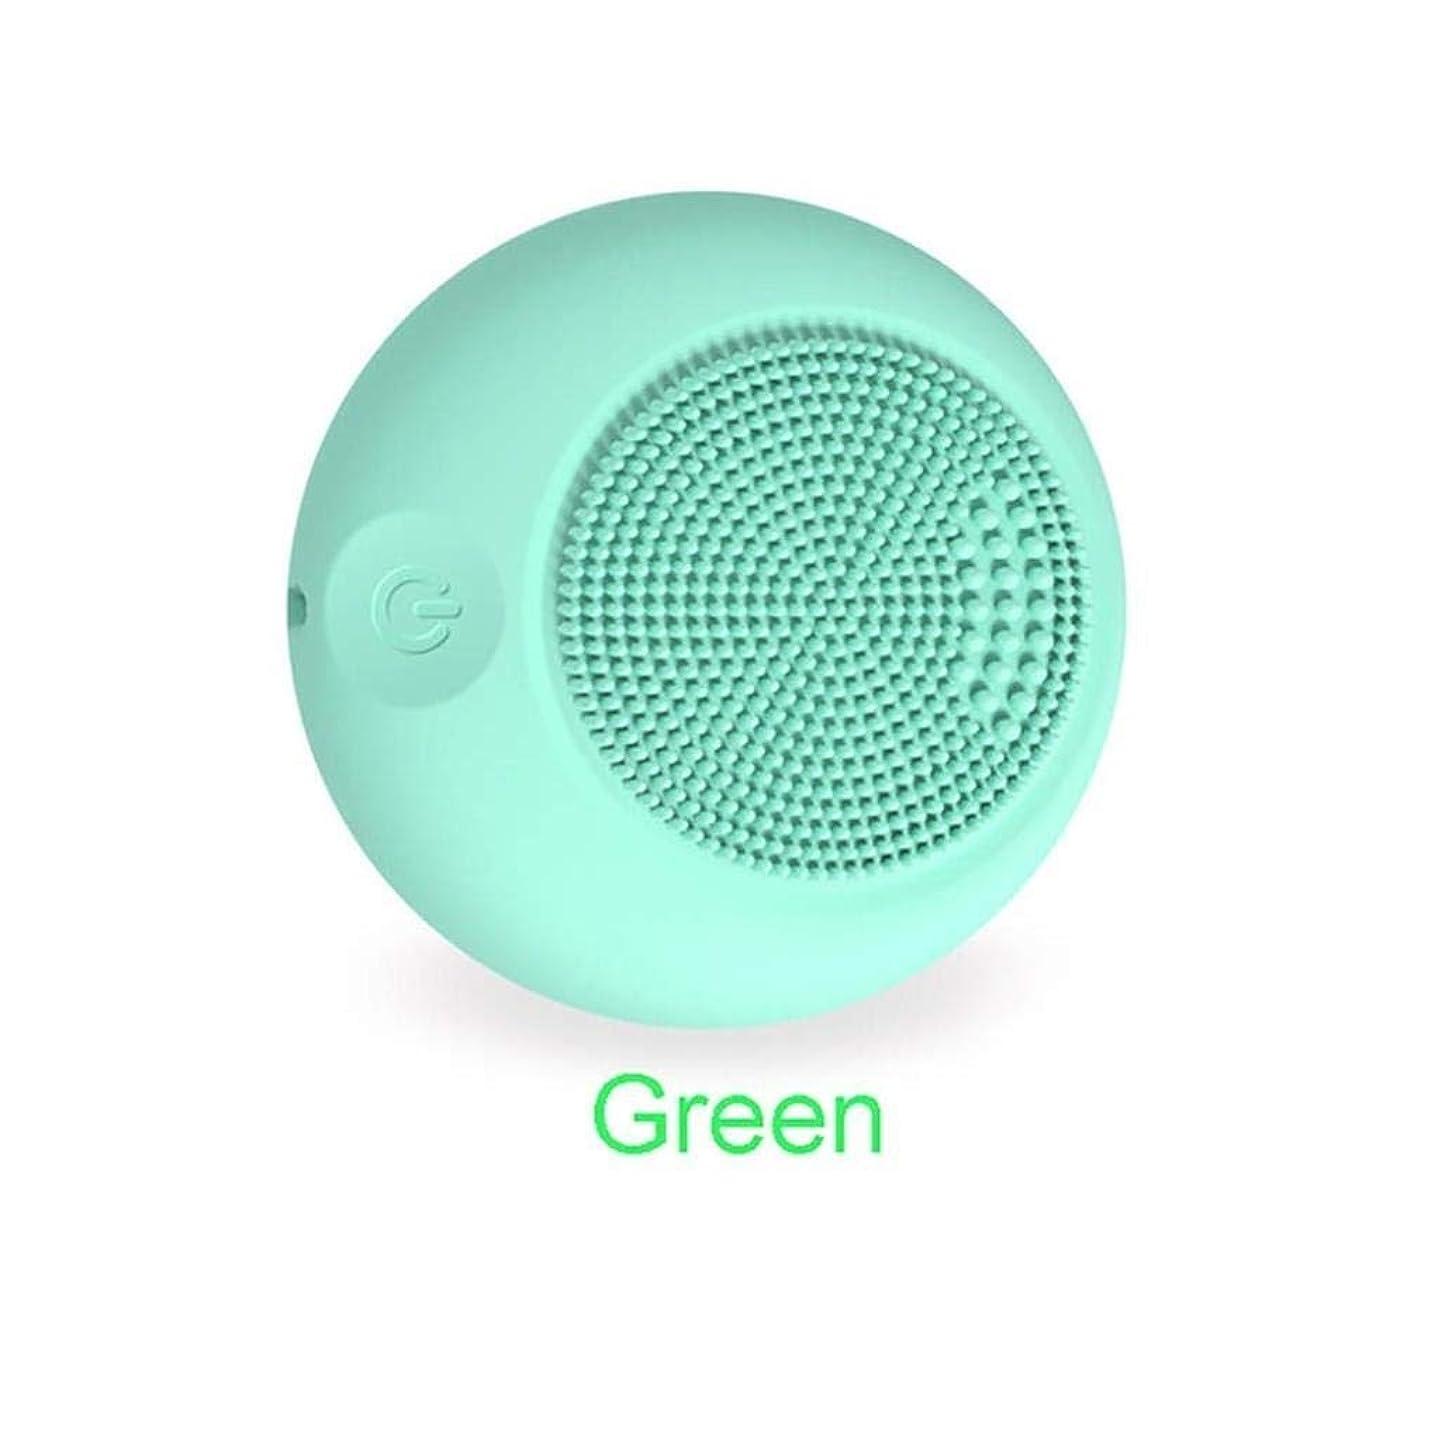 はぁ巨大なまだらクレンジングブラシ、電動フェイシャルマッサージ、振動シリコンフェイシャルディープクリーン電気防水マッサージクレンザー (Color : 緑)